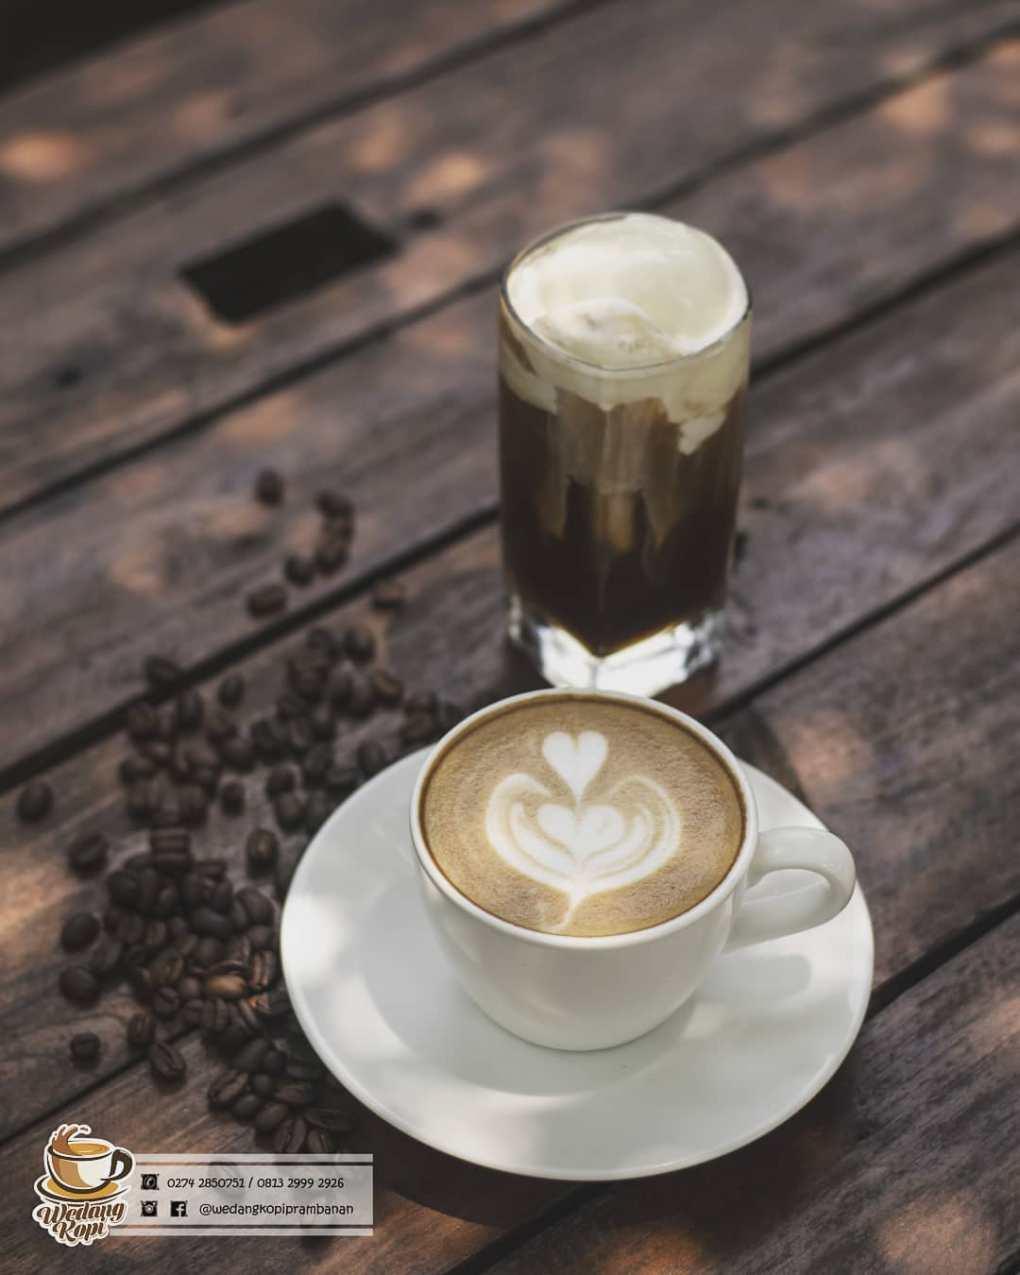 kreasi kopi